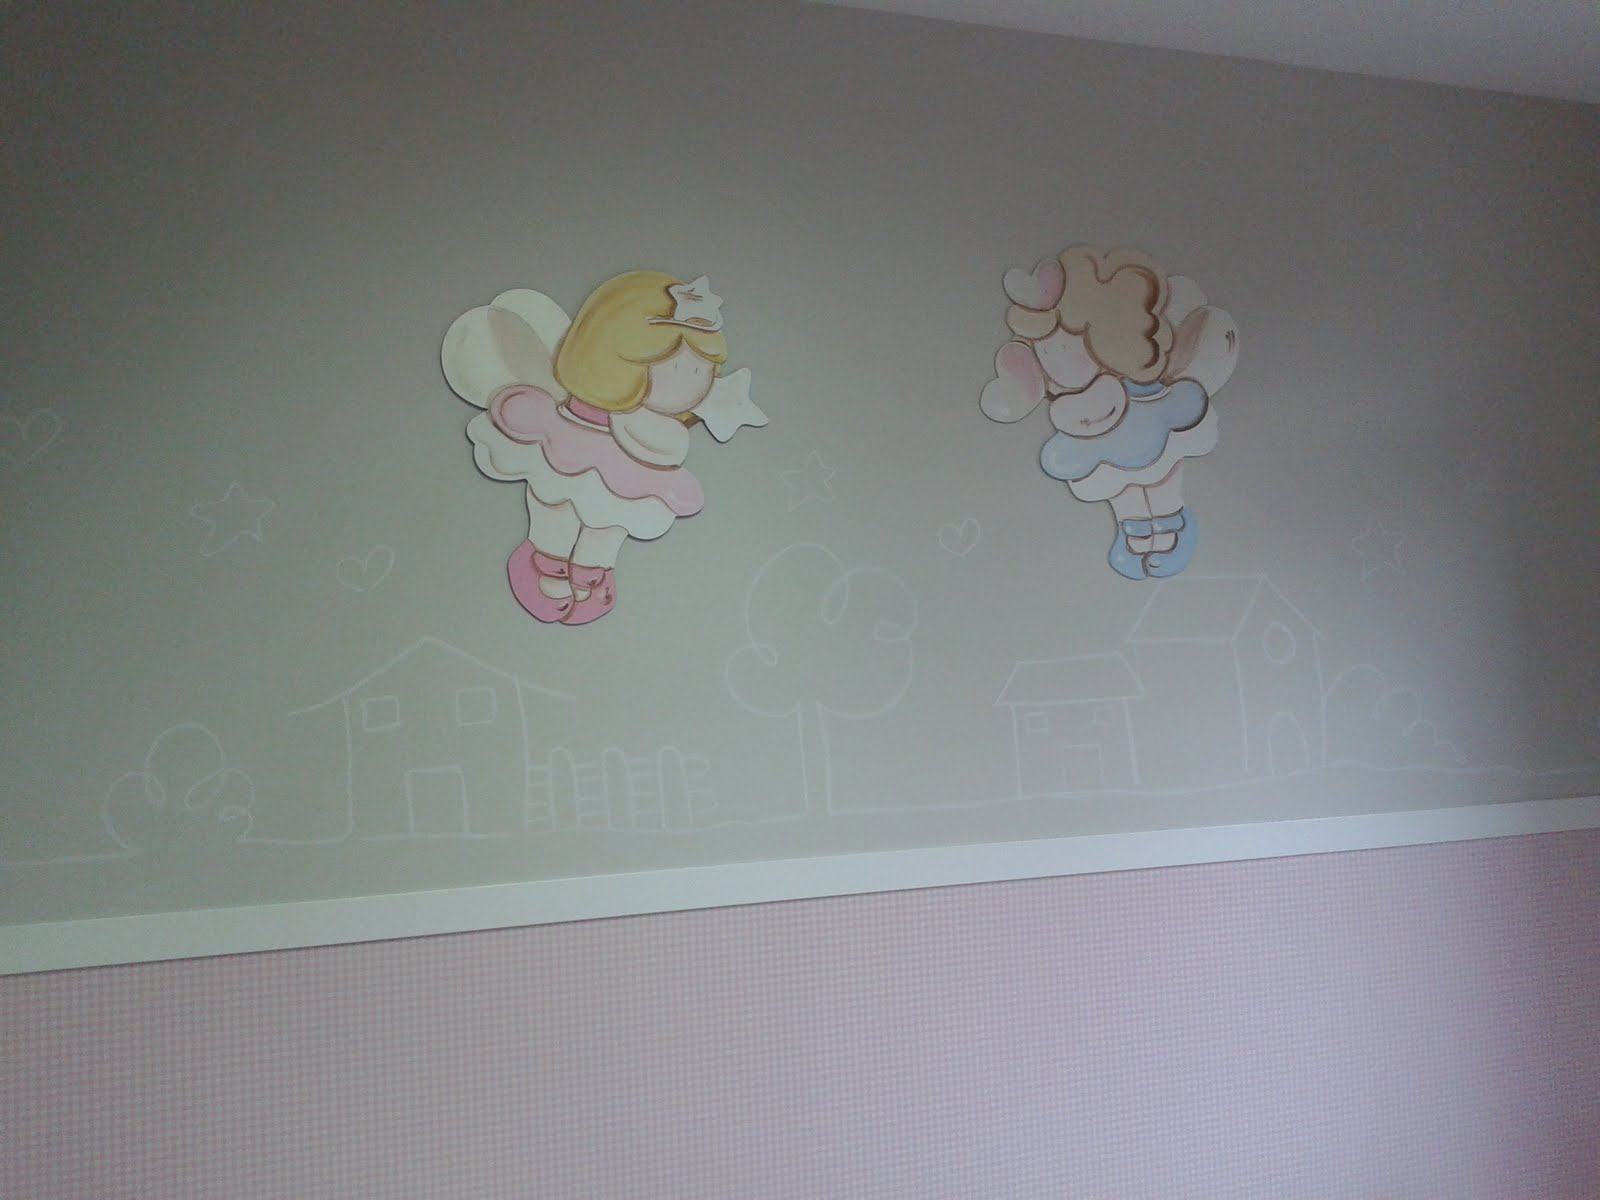 Papier peint chambre bebe fille - Papier peint chambre bebe fille ...